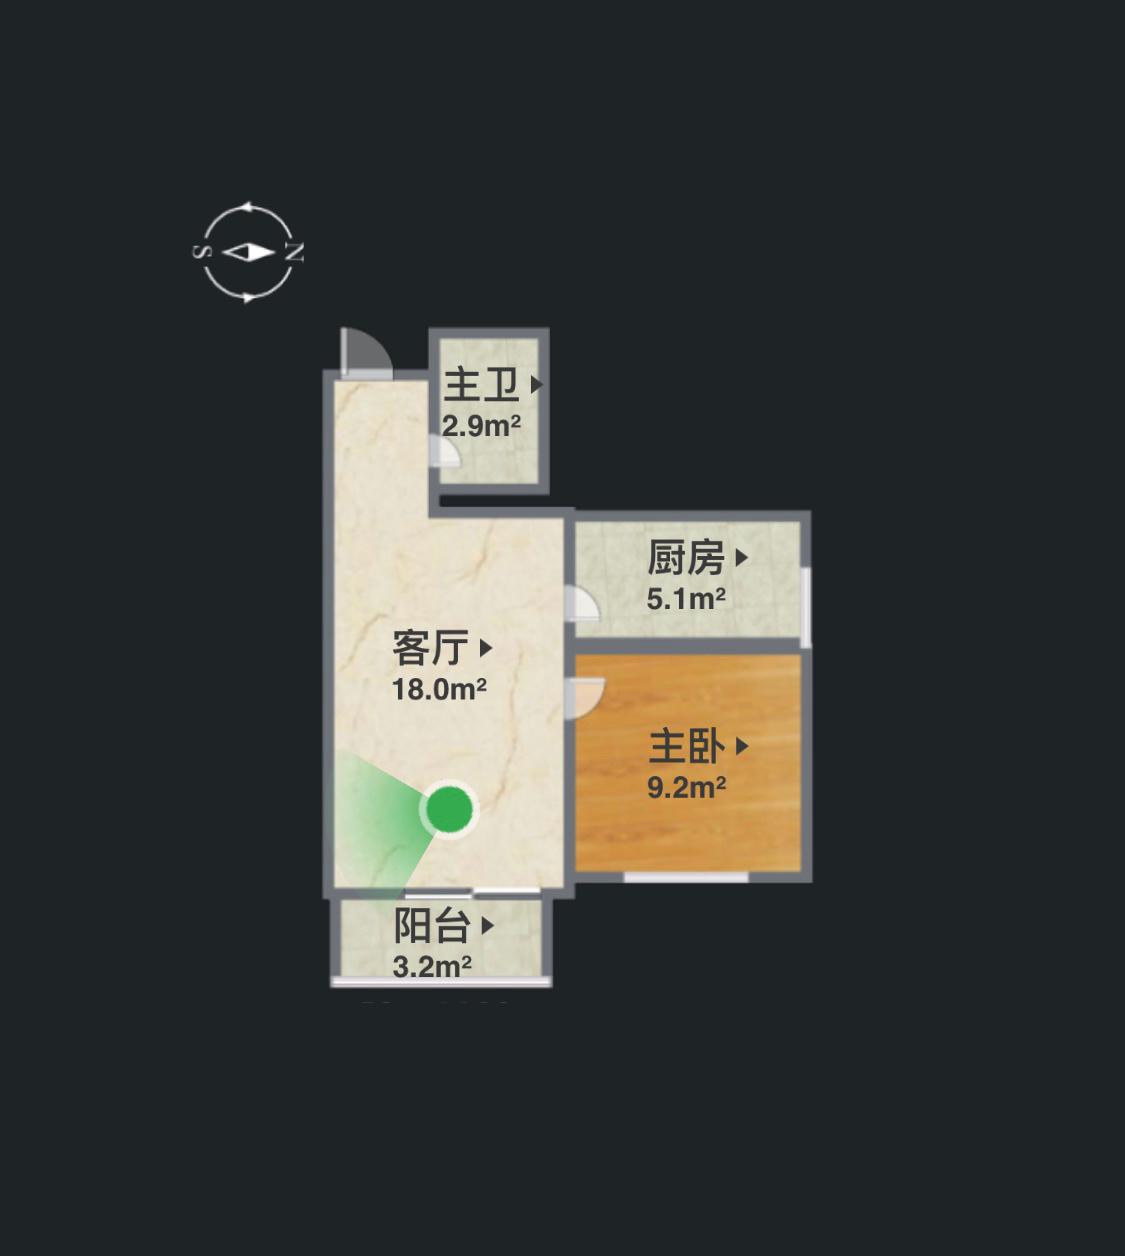 一室一厅小户型